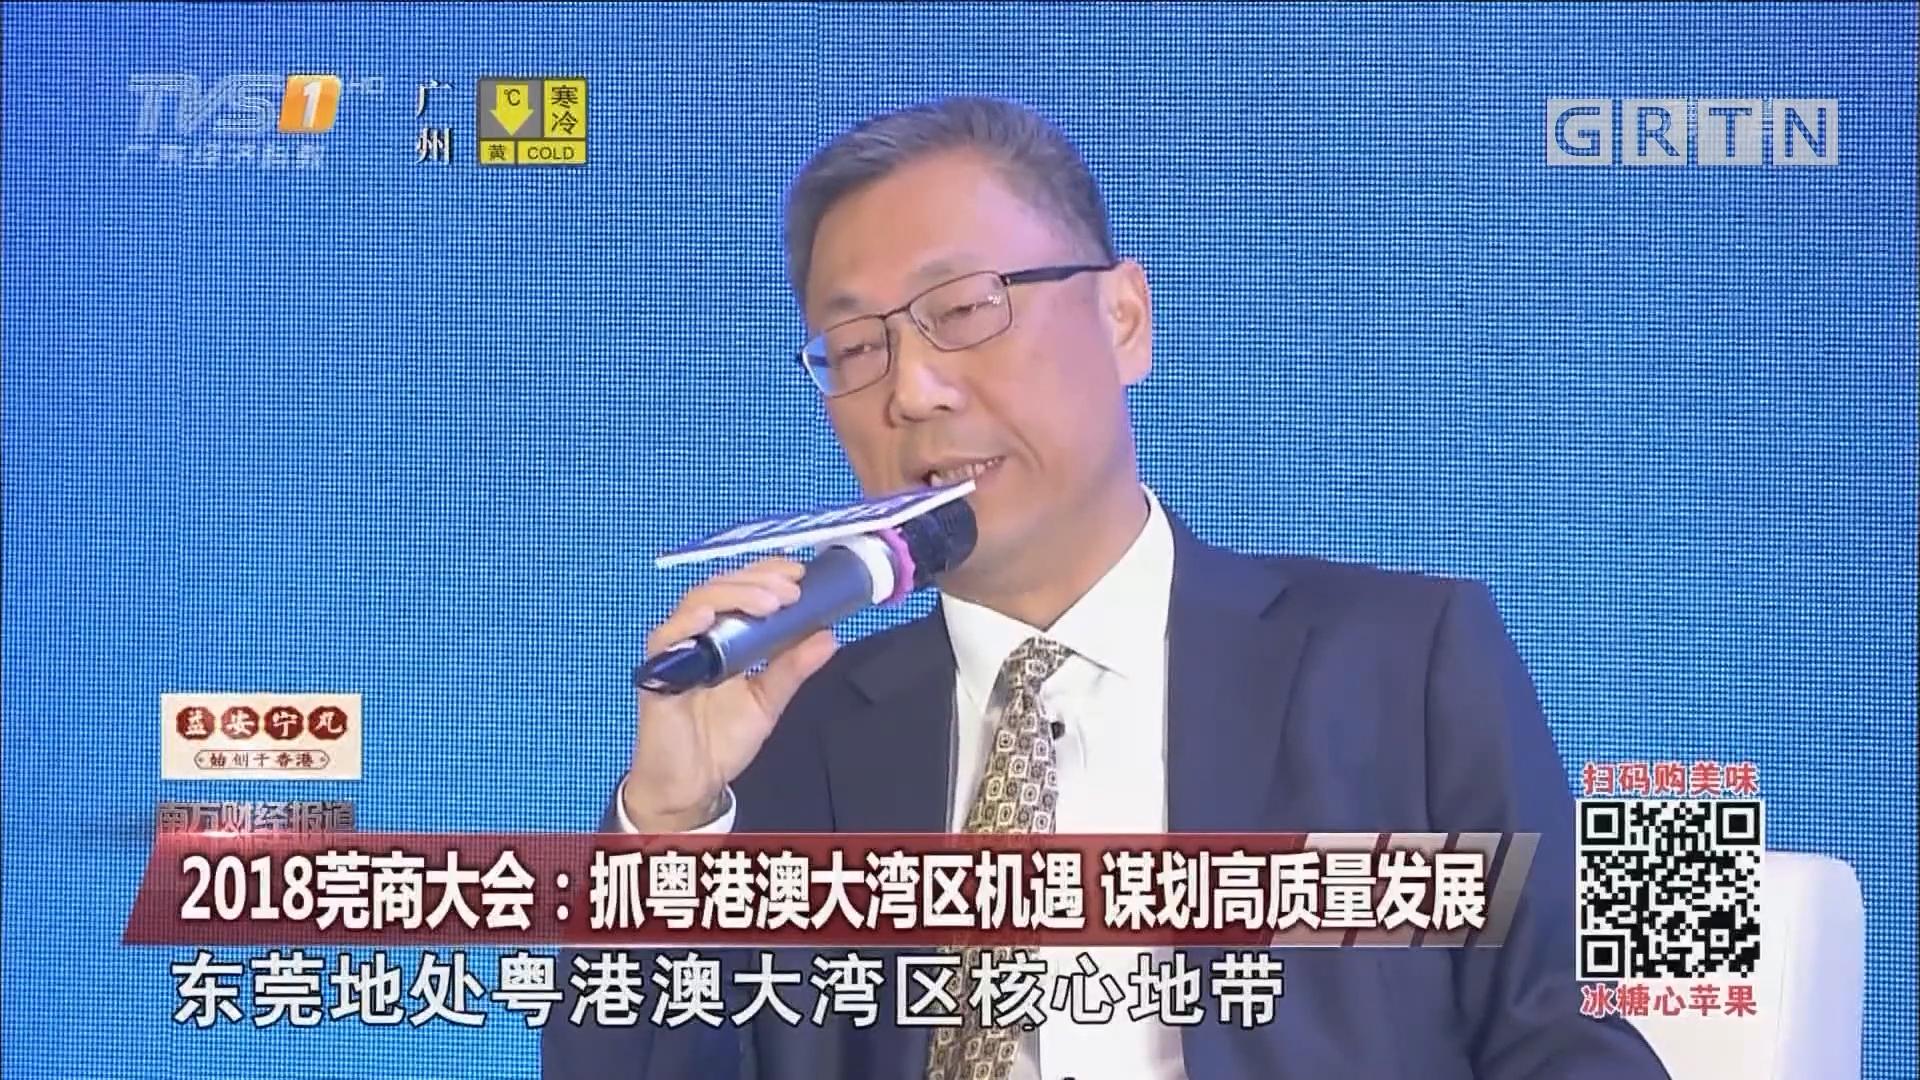 2018莞商大会:抓粤港澳大湾区机遇 谋划高质量发展